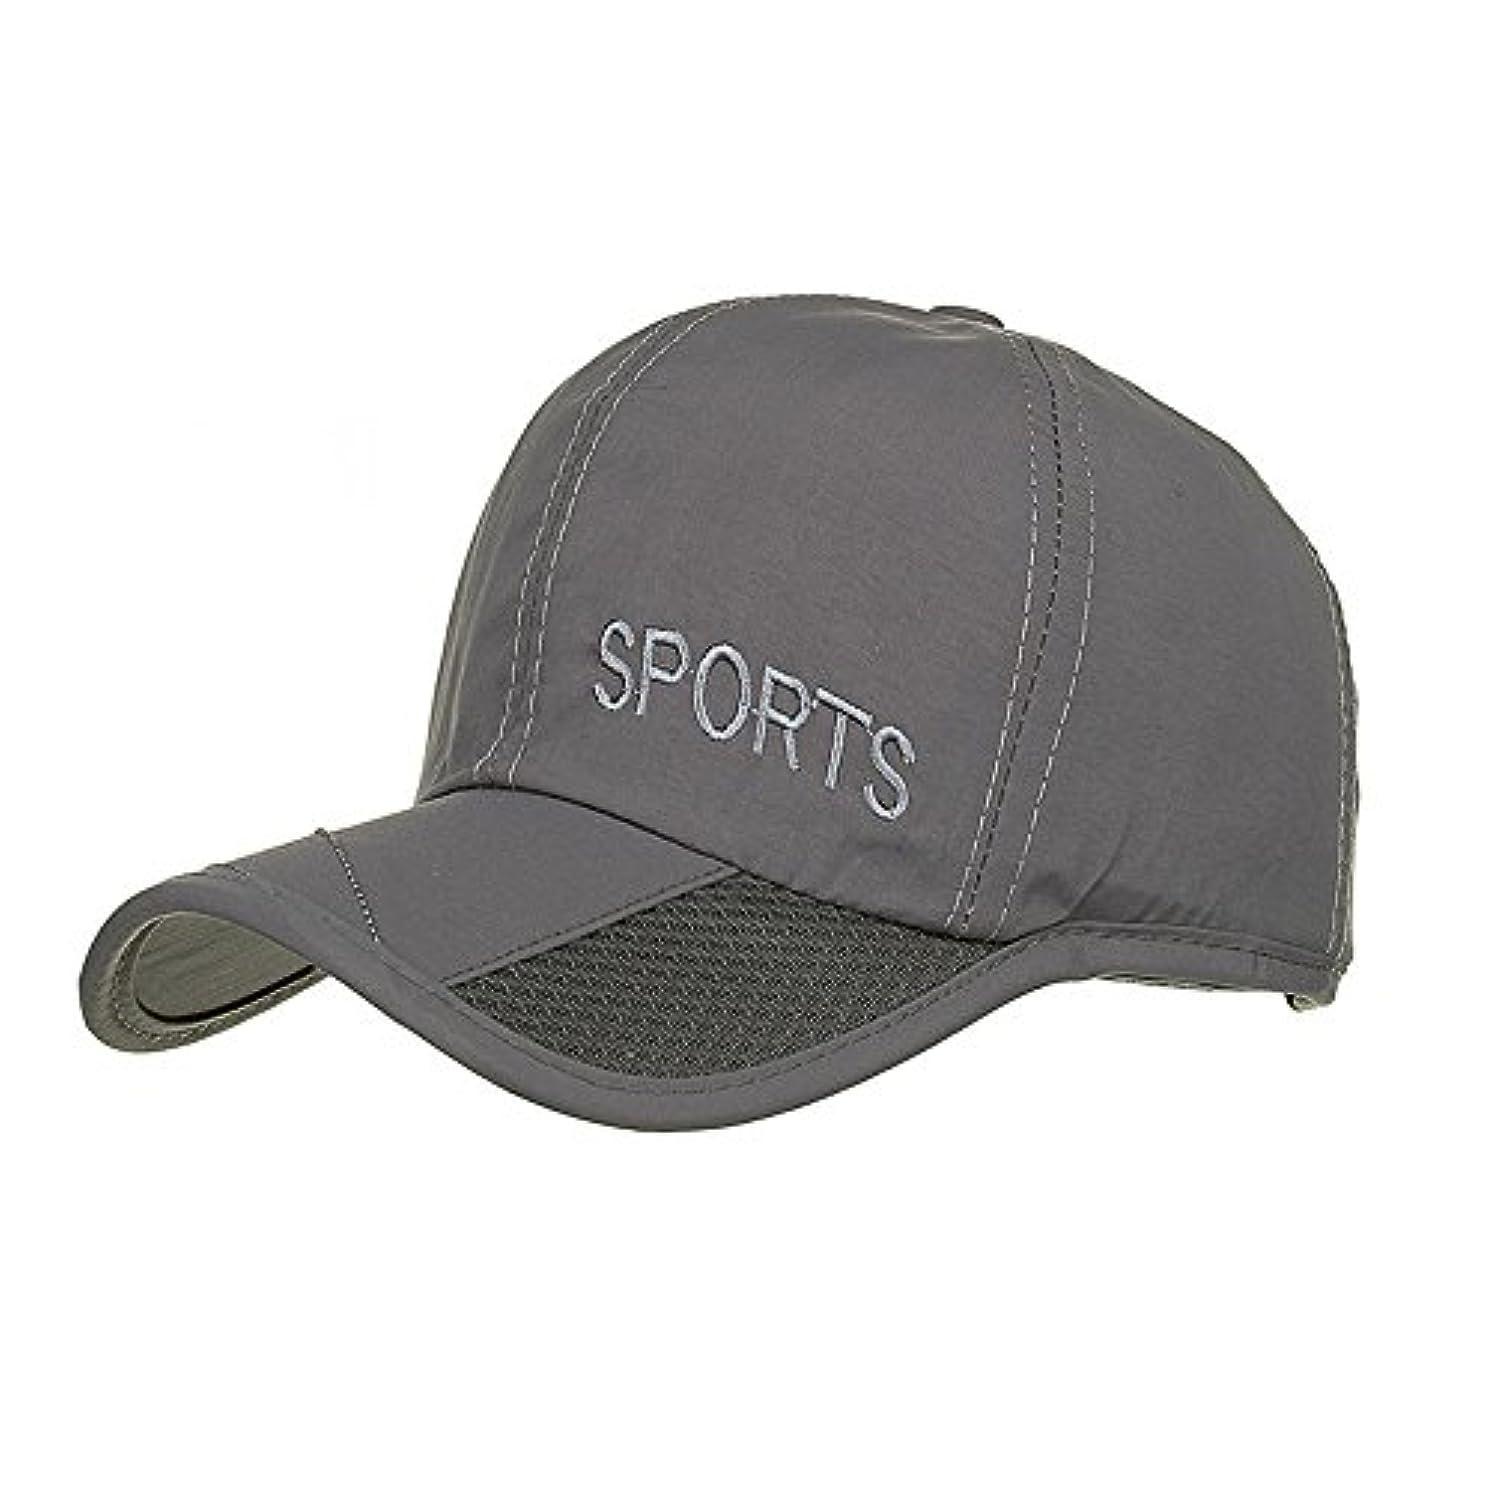 子燃料盟主Racazing Cap 男女兼用 野球帽 夏 登山 通気性のある メッシュ 帽子 ベルクロ 可調整可能 刺繍 棒球帽 UV 帽子 軽量 屋外 Unisex Hat (グレー)